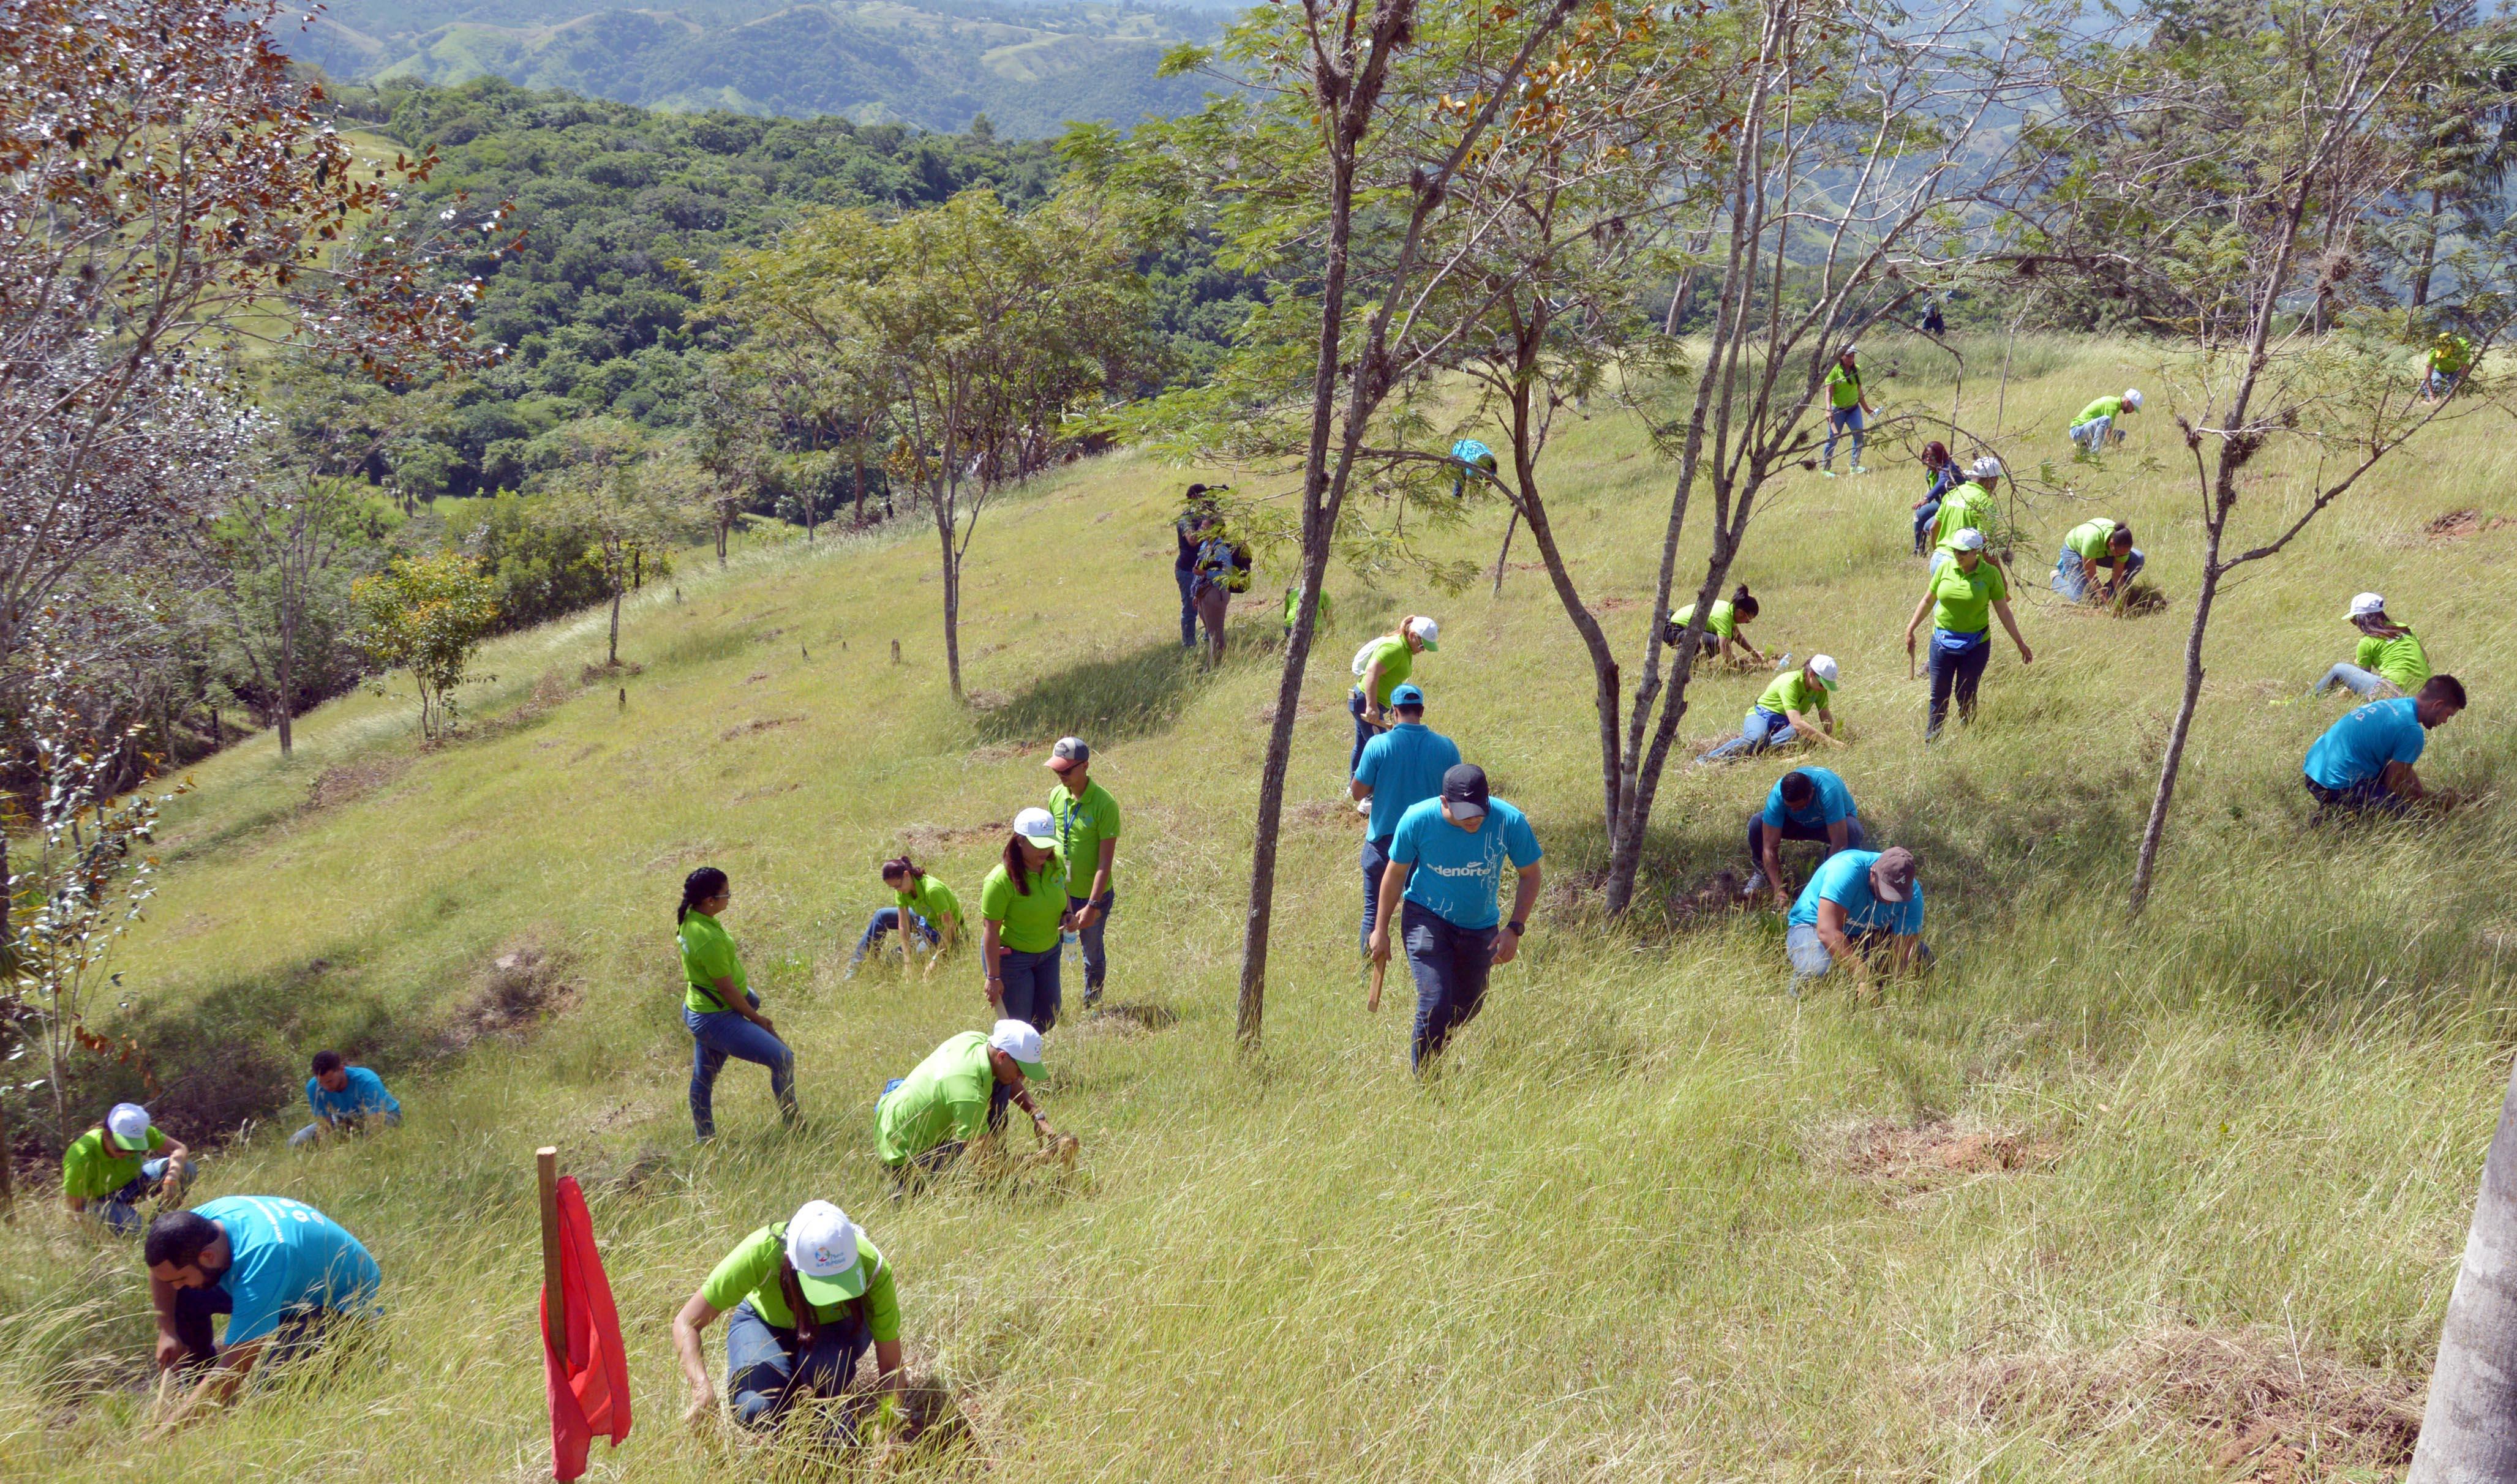 Voluntarios de EDENORTE Dominicana en la jornada de reforestación llevada a cabo en área del Plan Sierra.